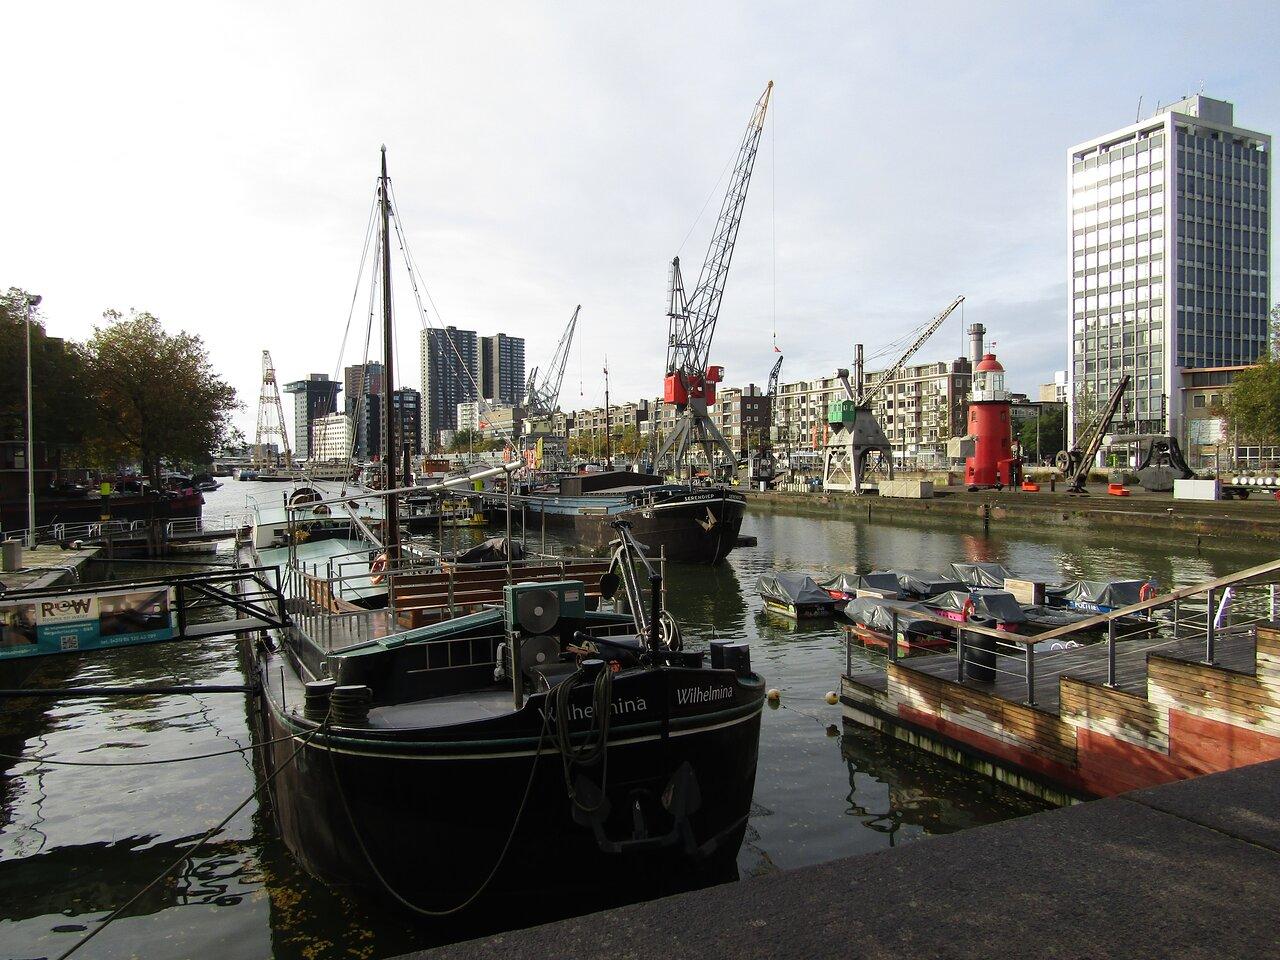 دیدنی های روتردام هلند